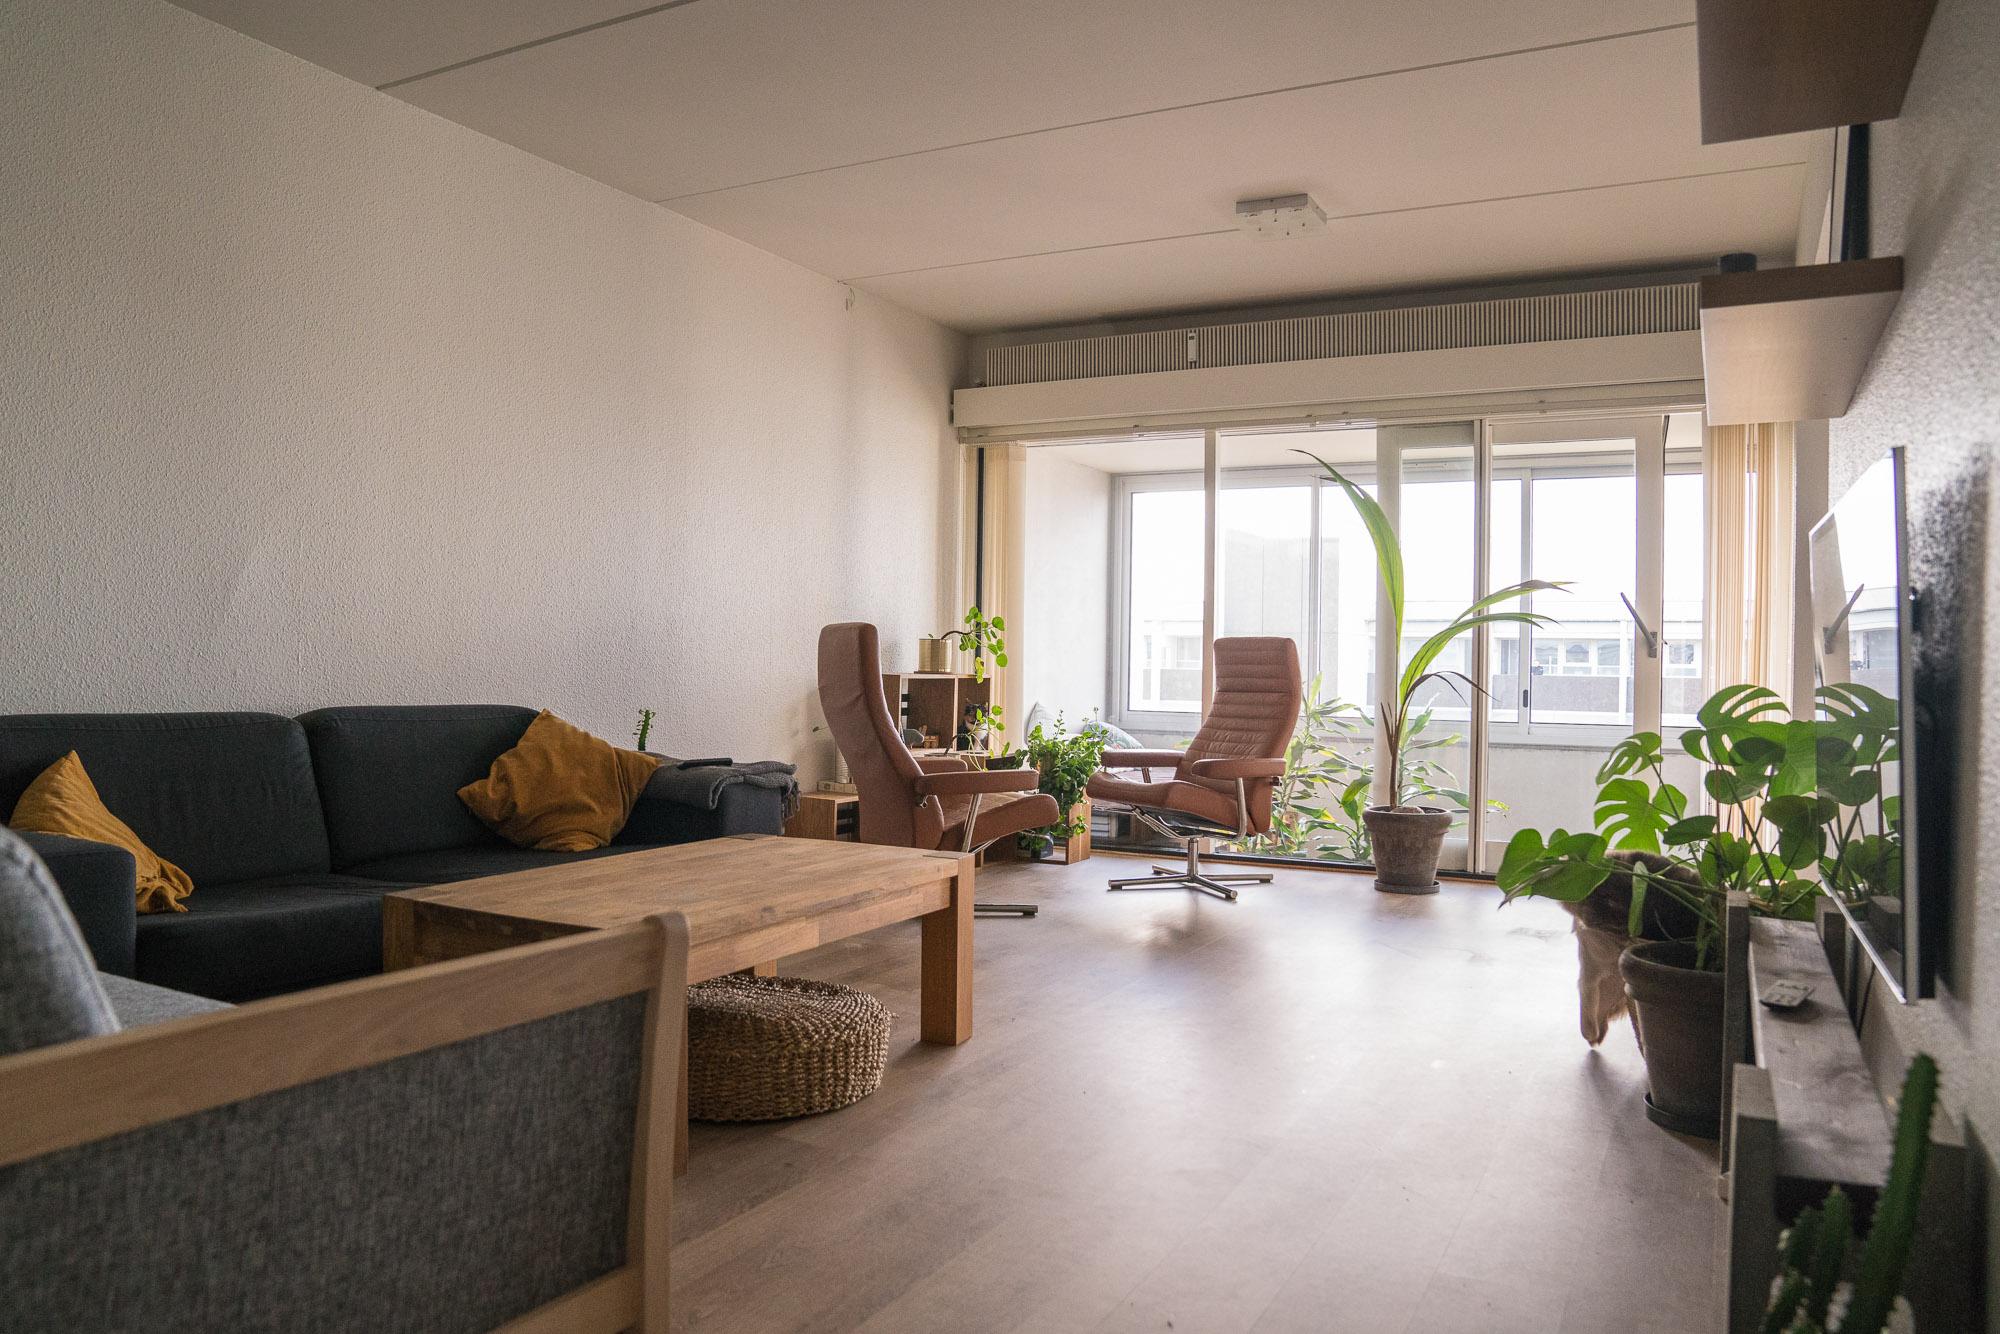 Flot værelse i kæmpe(121) Kvm lejlighed lys og vel renoveret med udsigt over byen